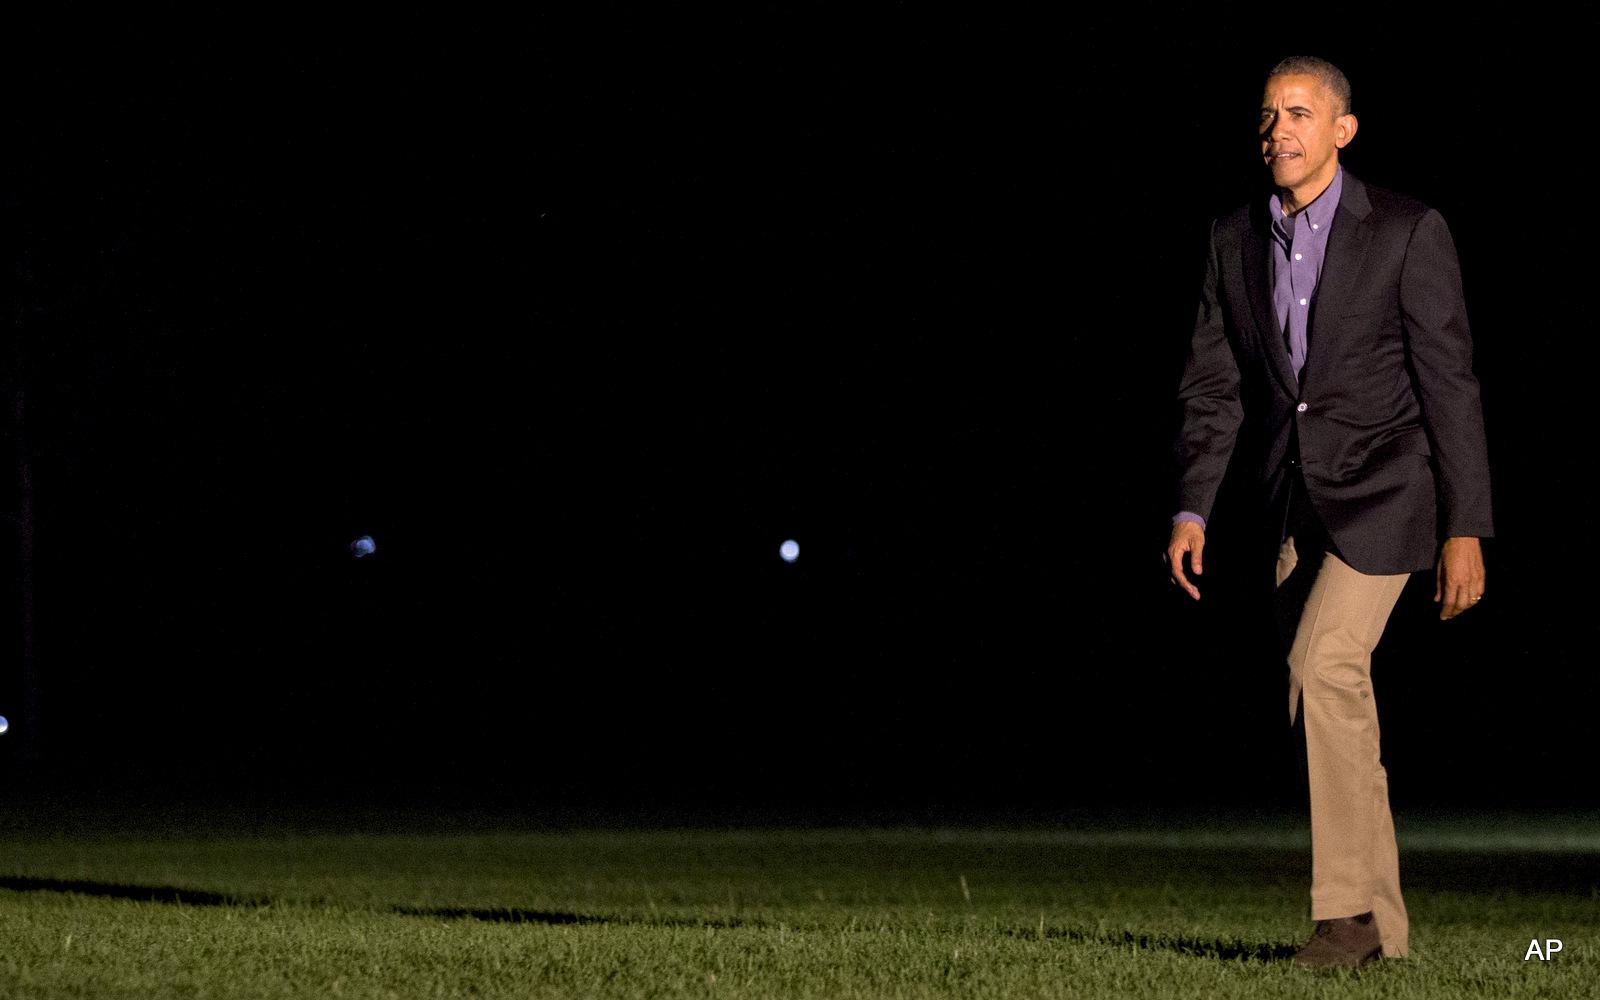 Barack Obama Honors Slain Dallas Officers Amid Rising National Tensions